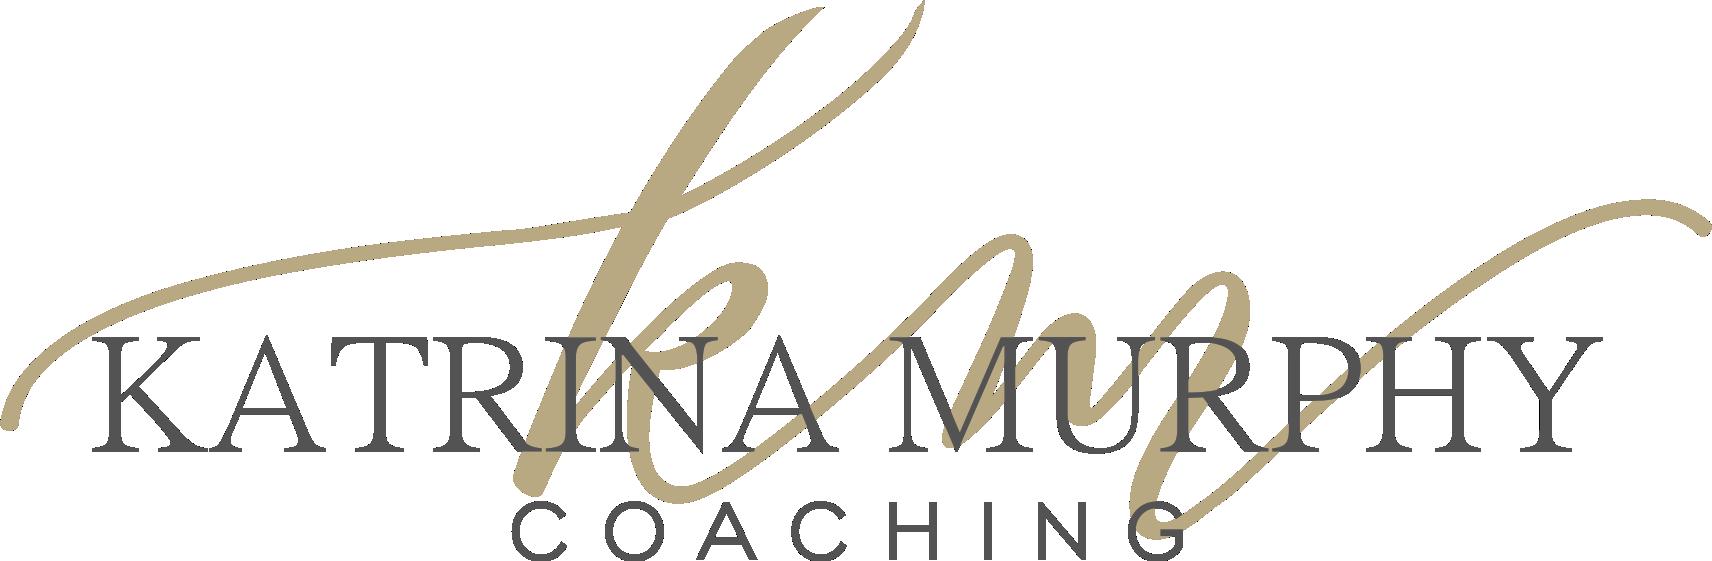 Katrina Murphy Coaching